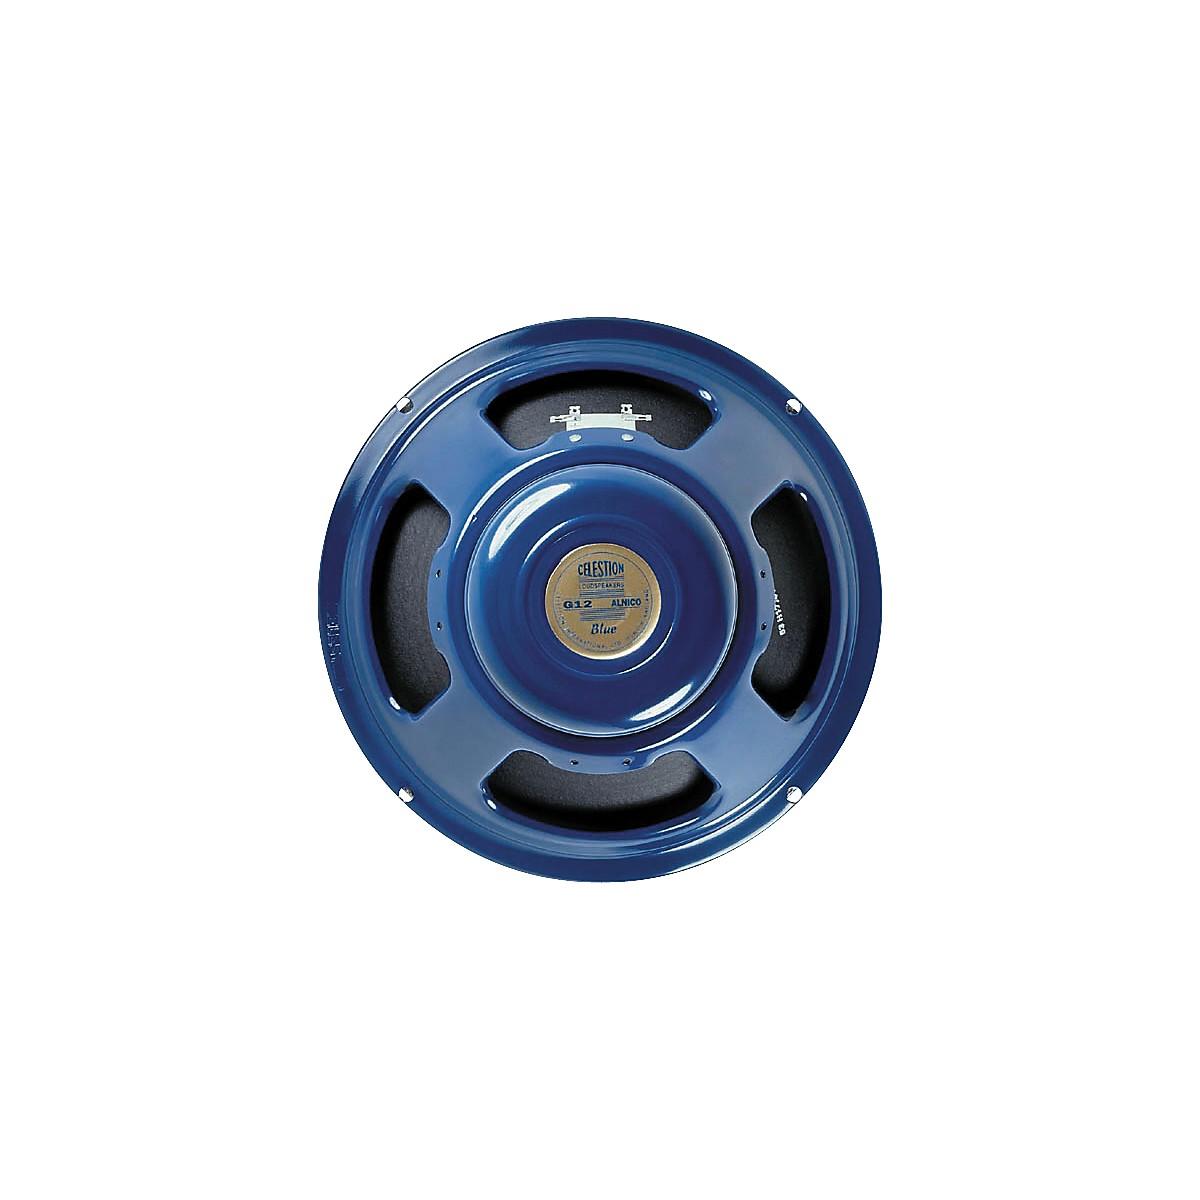 Celestion Blue 15W, 12